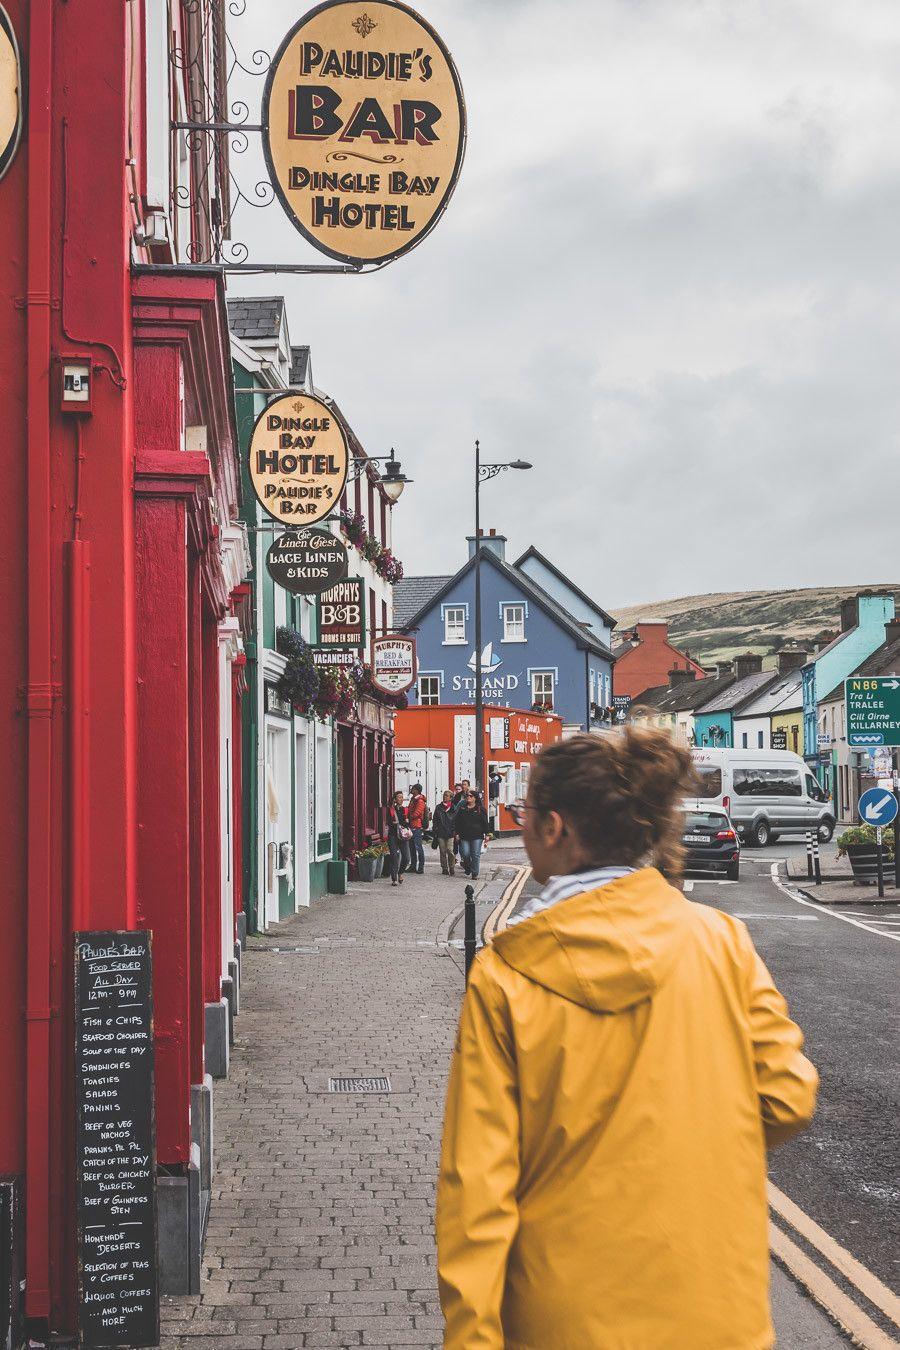 Carnet de voyage en Irlande dans la ville de DIngle